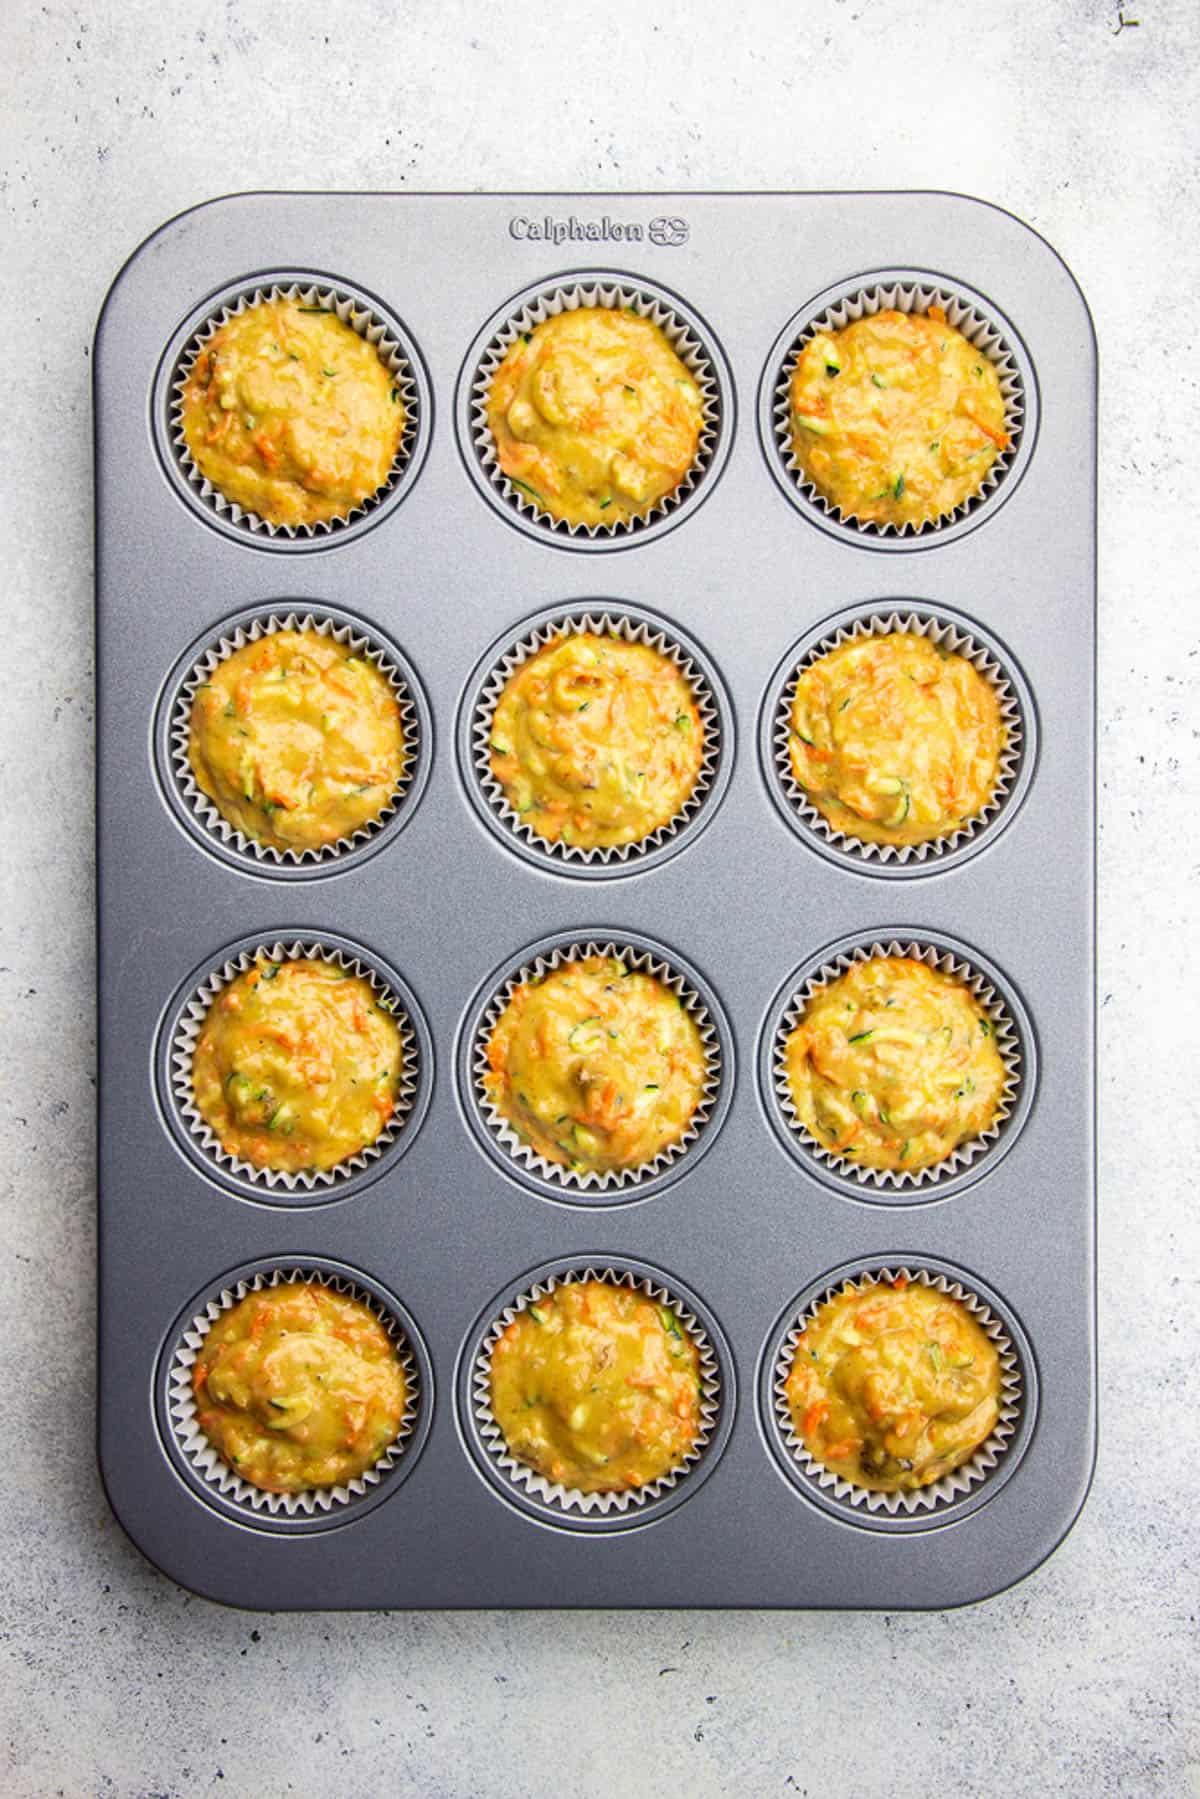 Carrot Zucchini Muffins batter in a muffin tin.